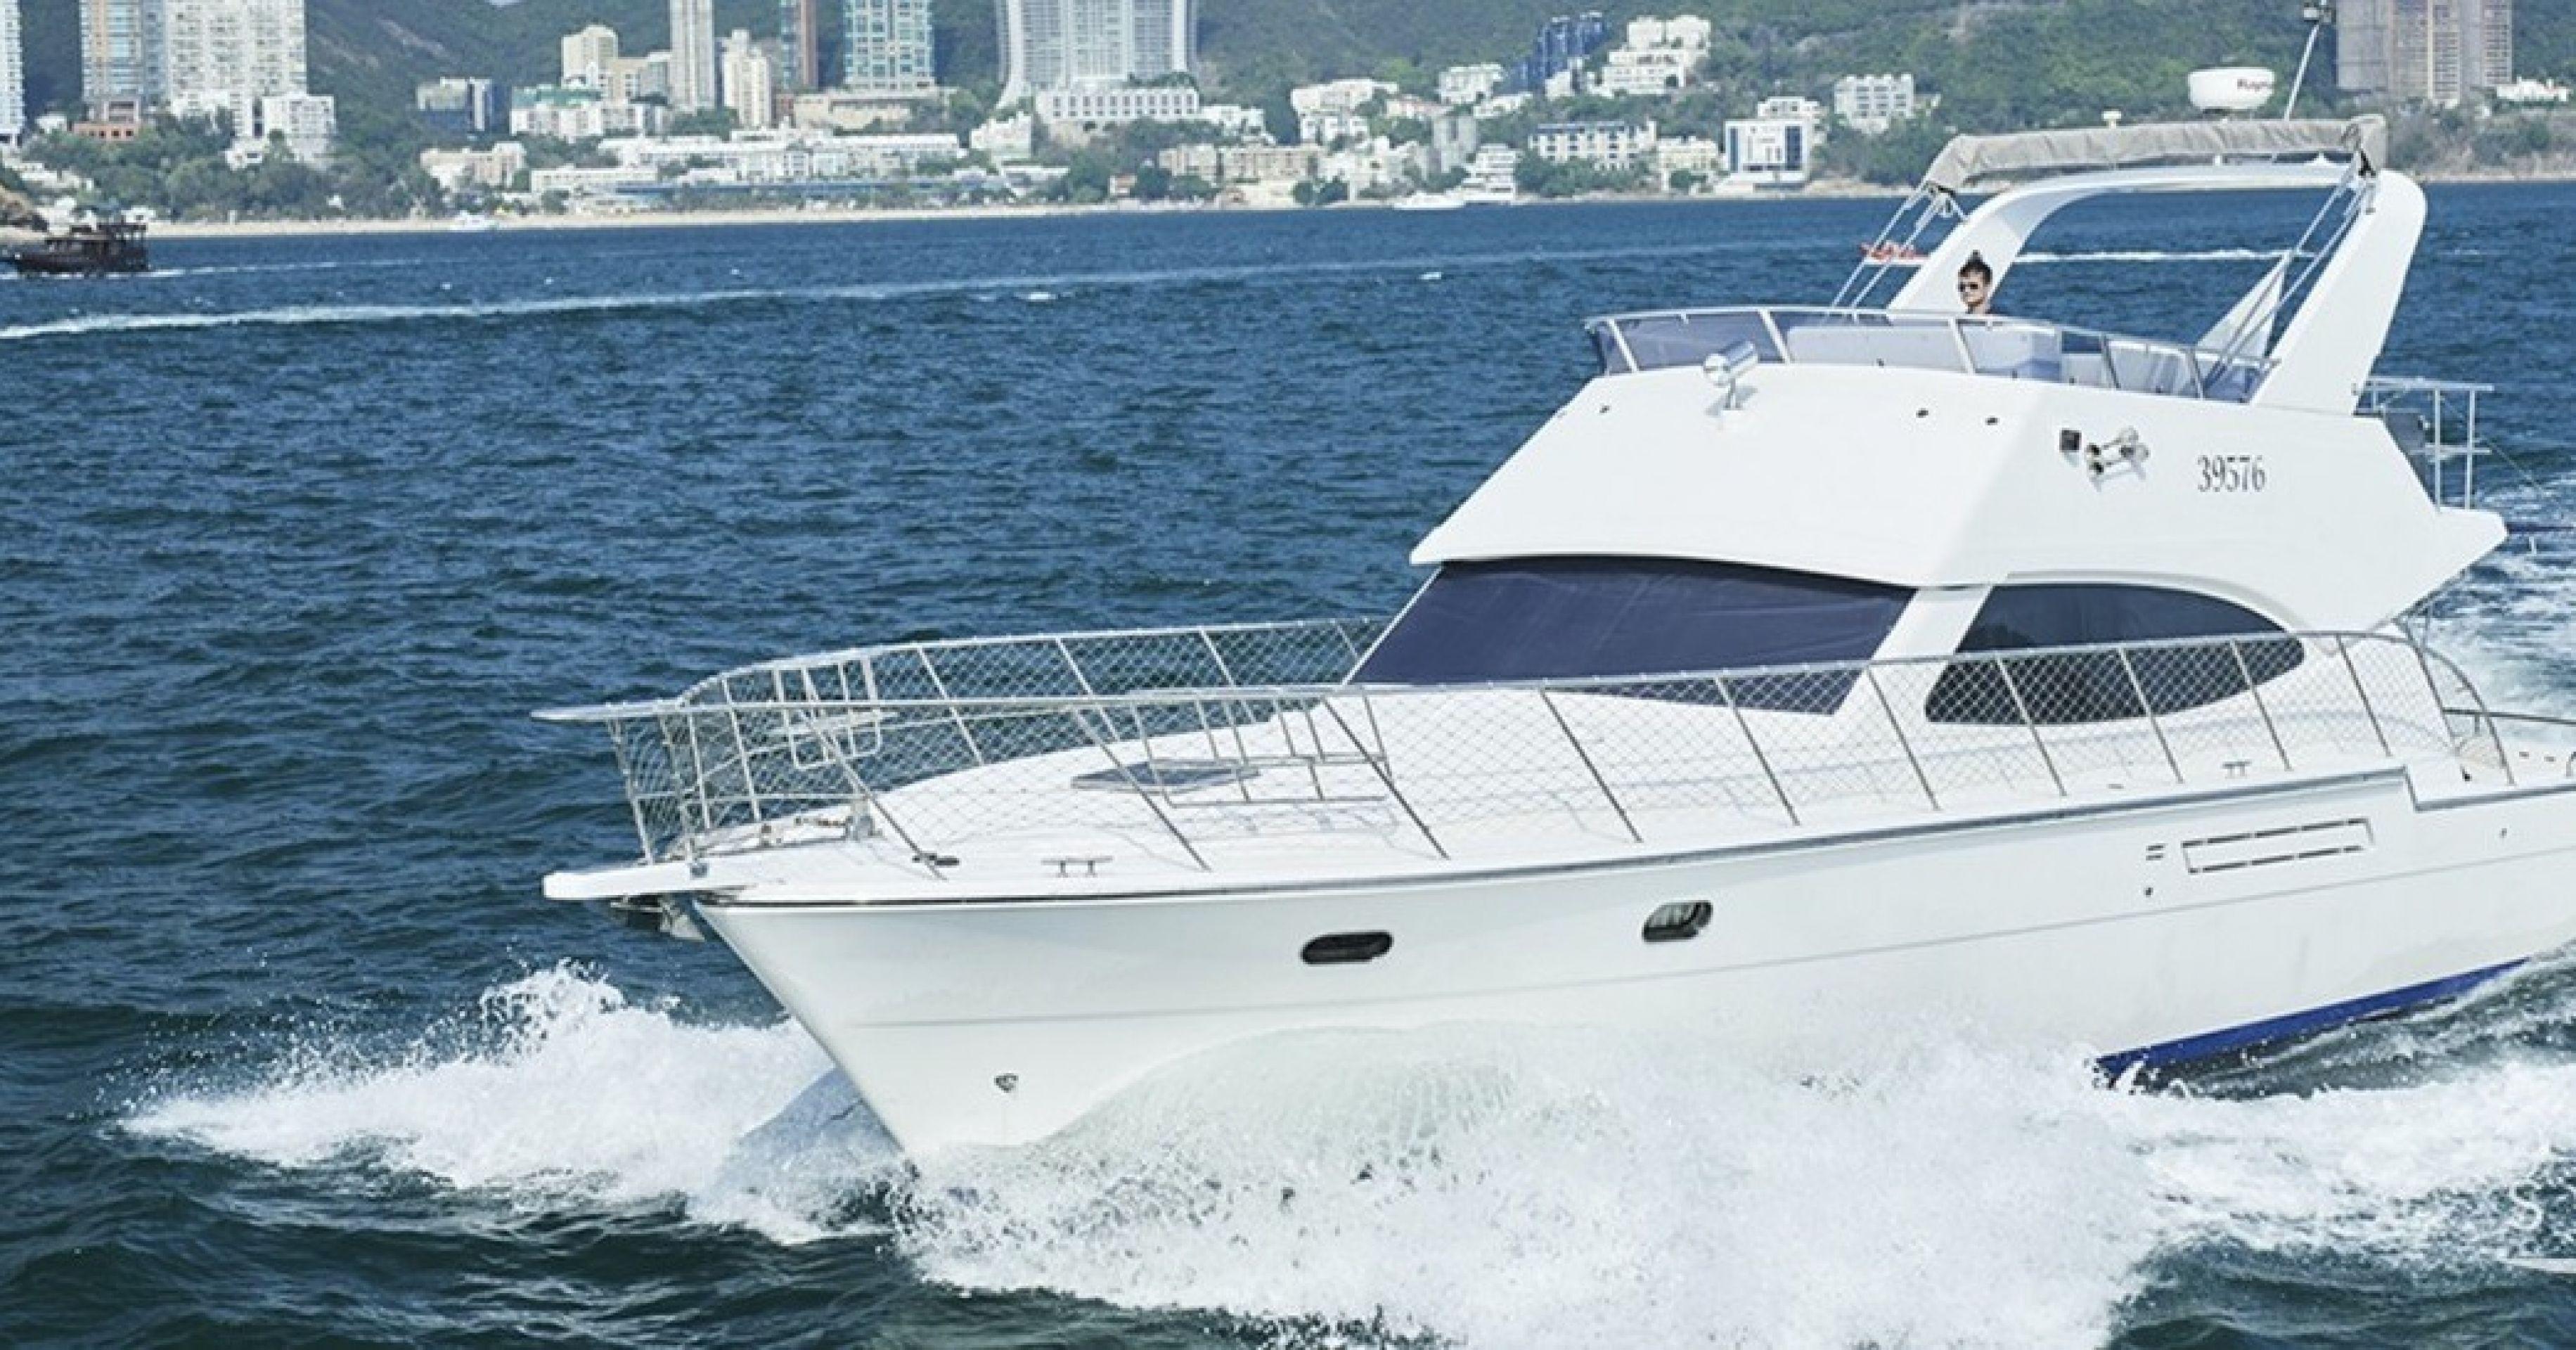 Hong Kong Yacht Charter - HKY24